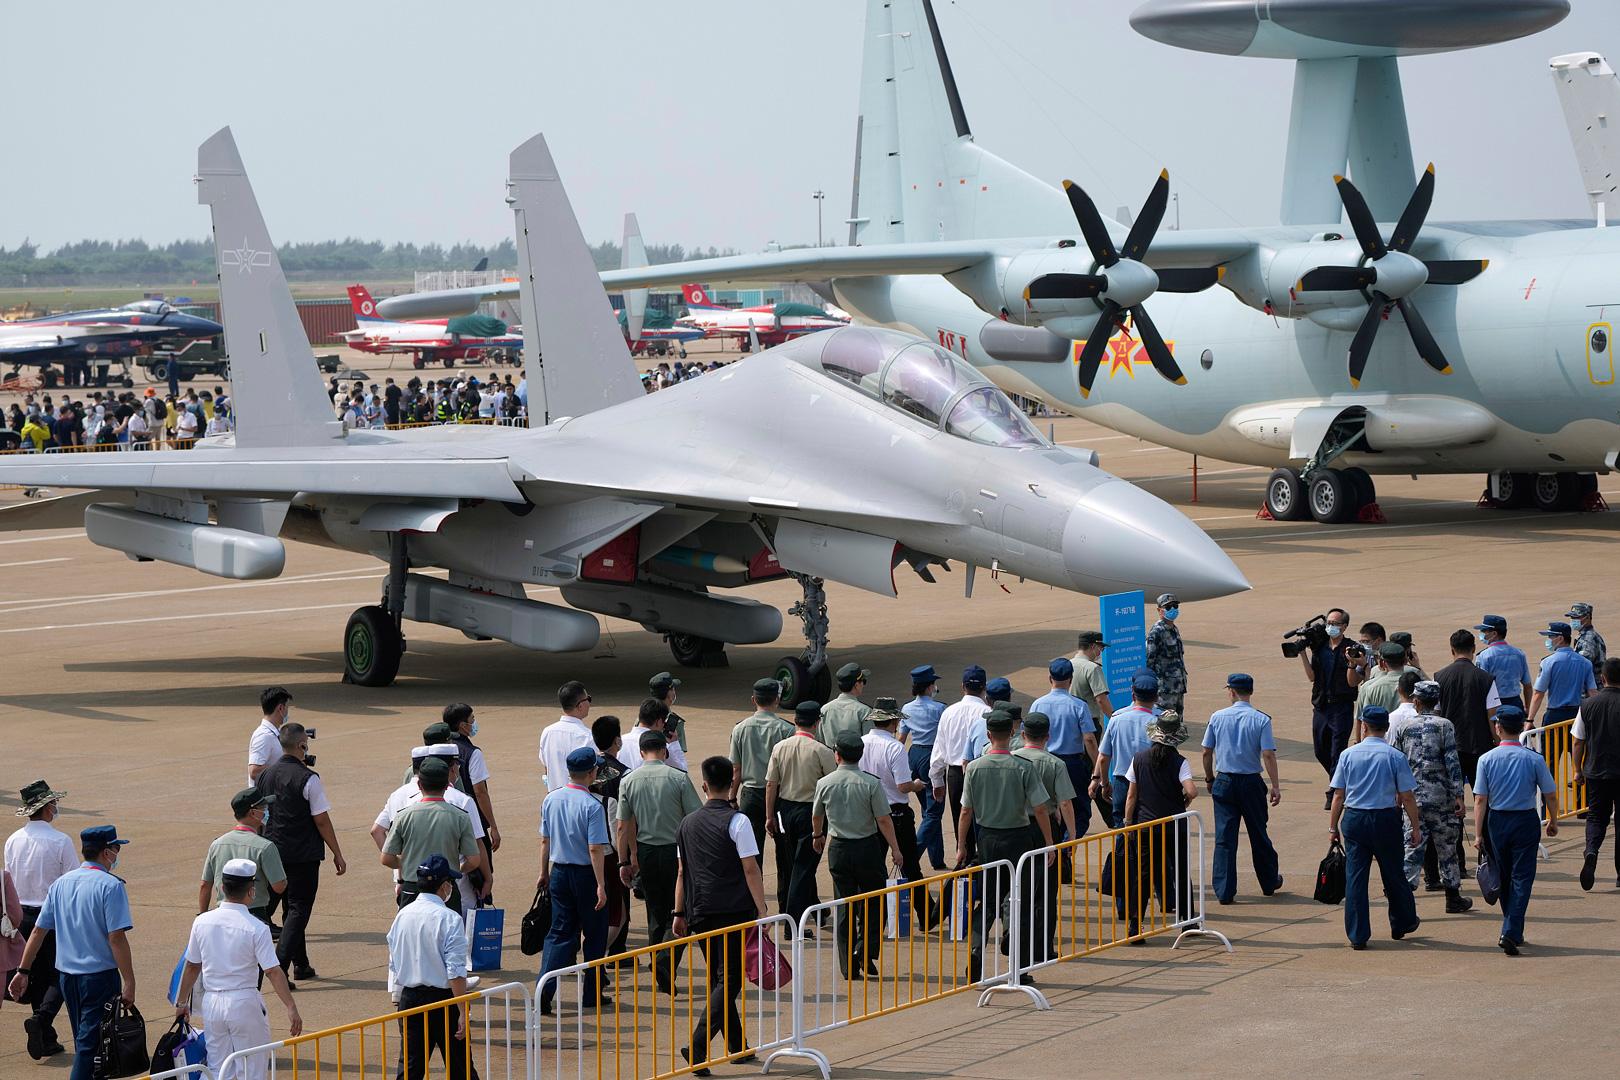 """طيار صيني : مقاتلة J-16 """"متفوقة جدًا"""" على Su-30 1f0a4b4459894691ad395863a25832c3"""